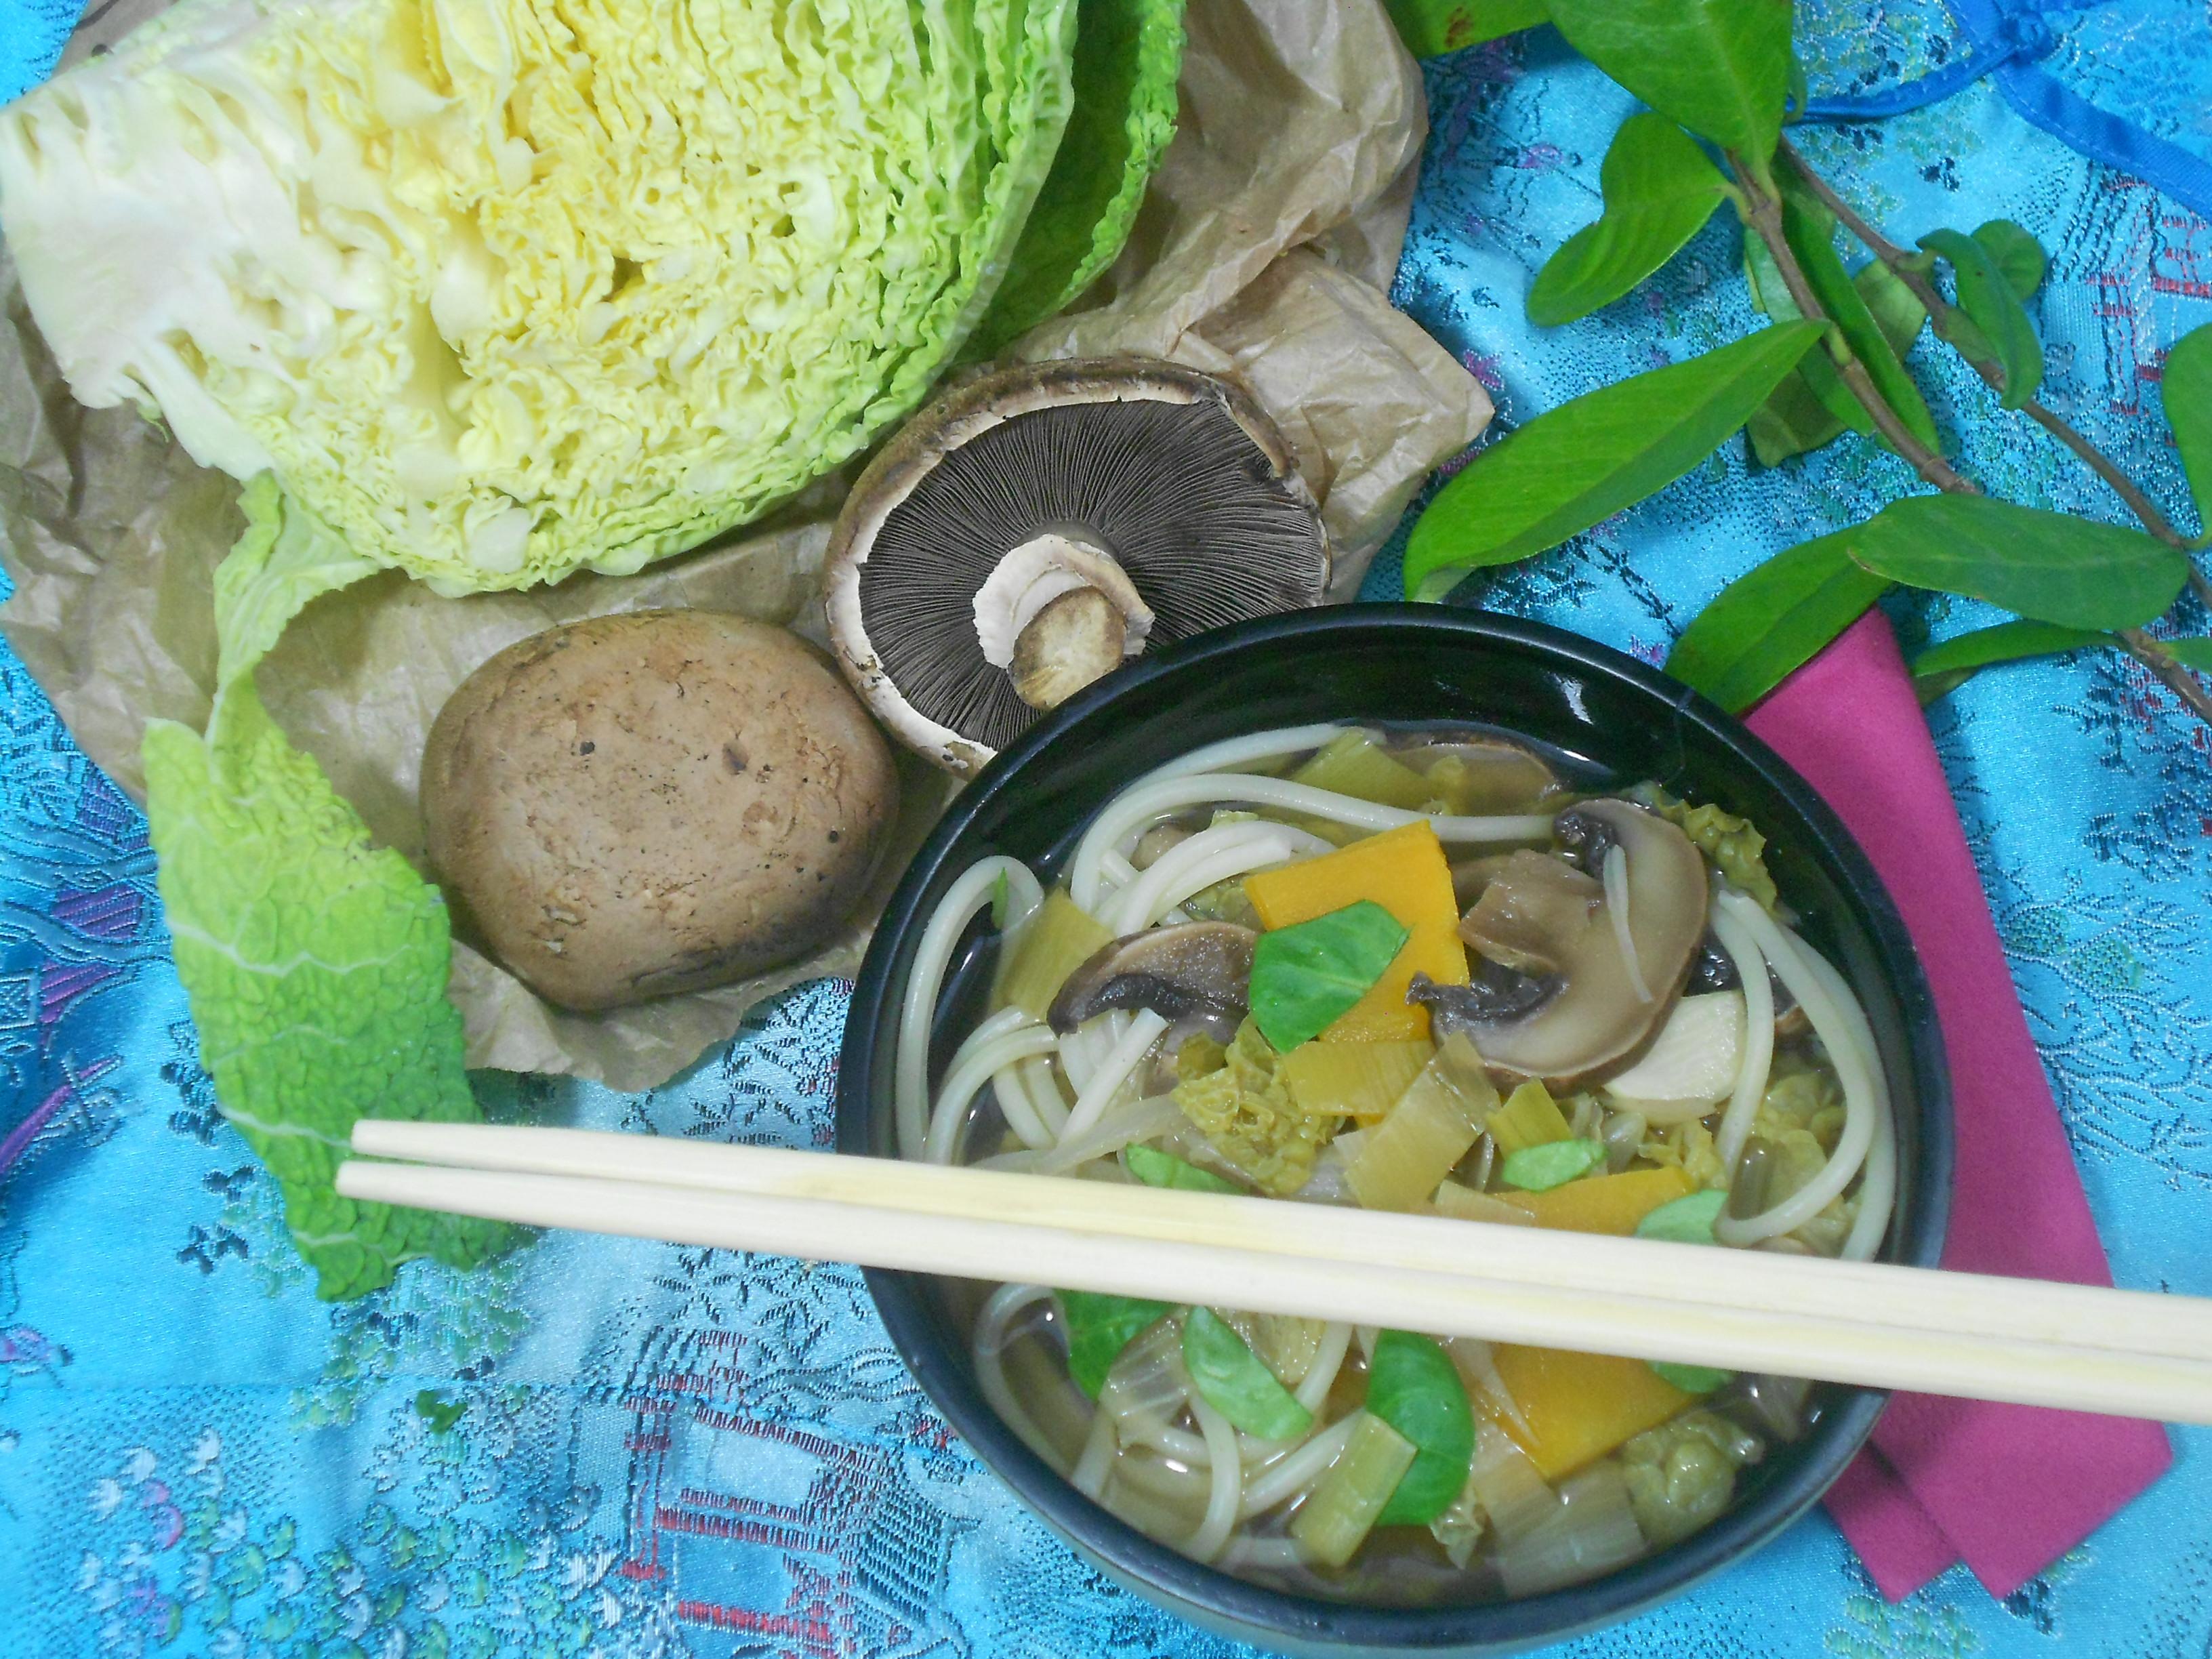 un bouillon de légumes japonnais régine okinawa